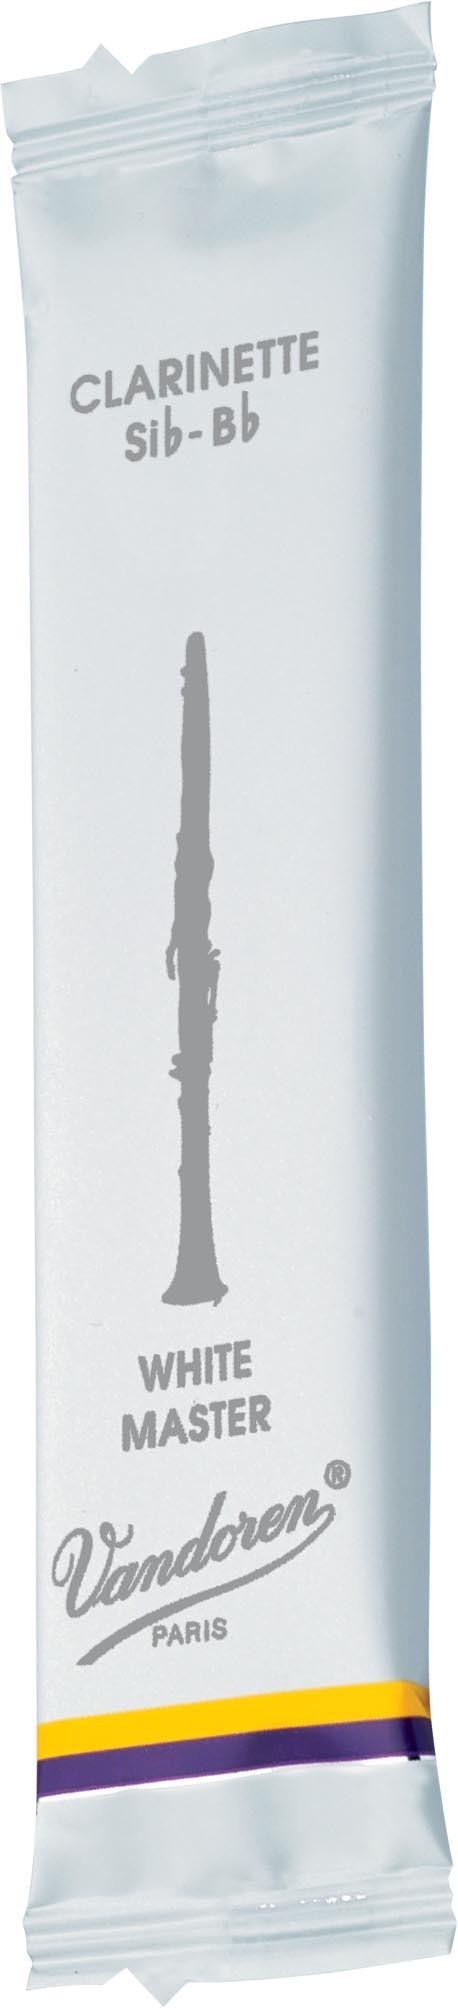 Vandoren German System White Master Bb Clarinet Reeds